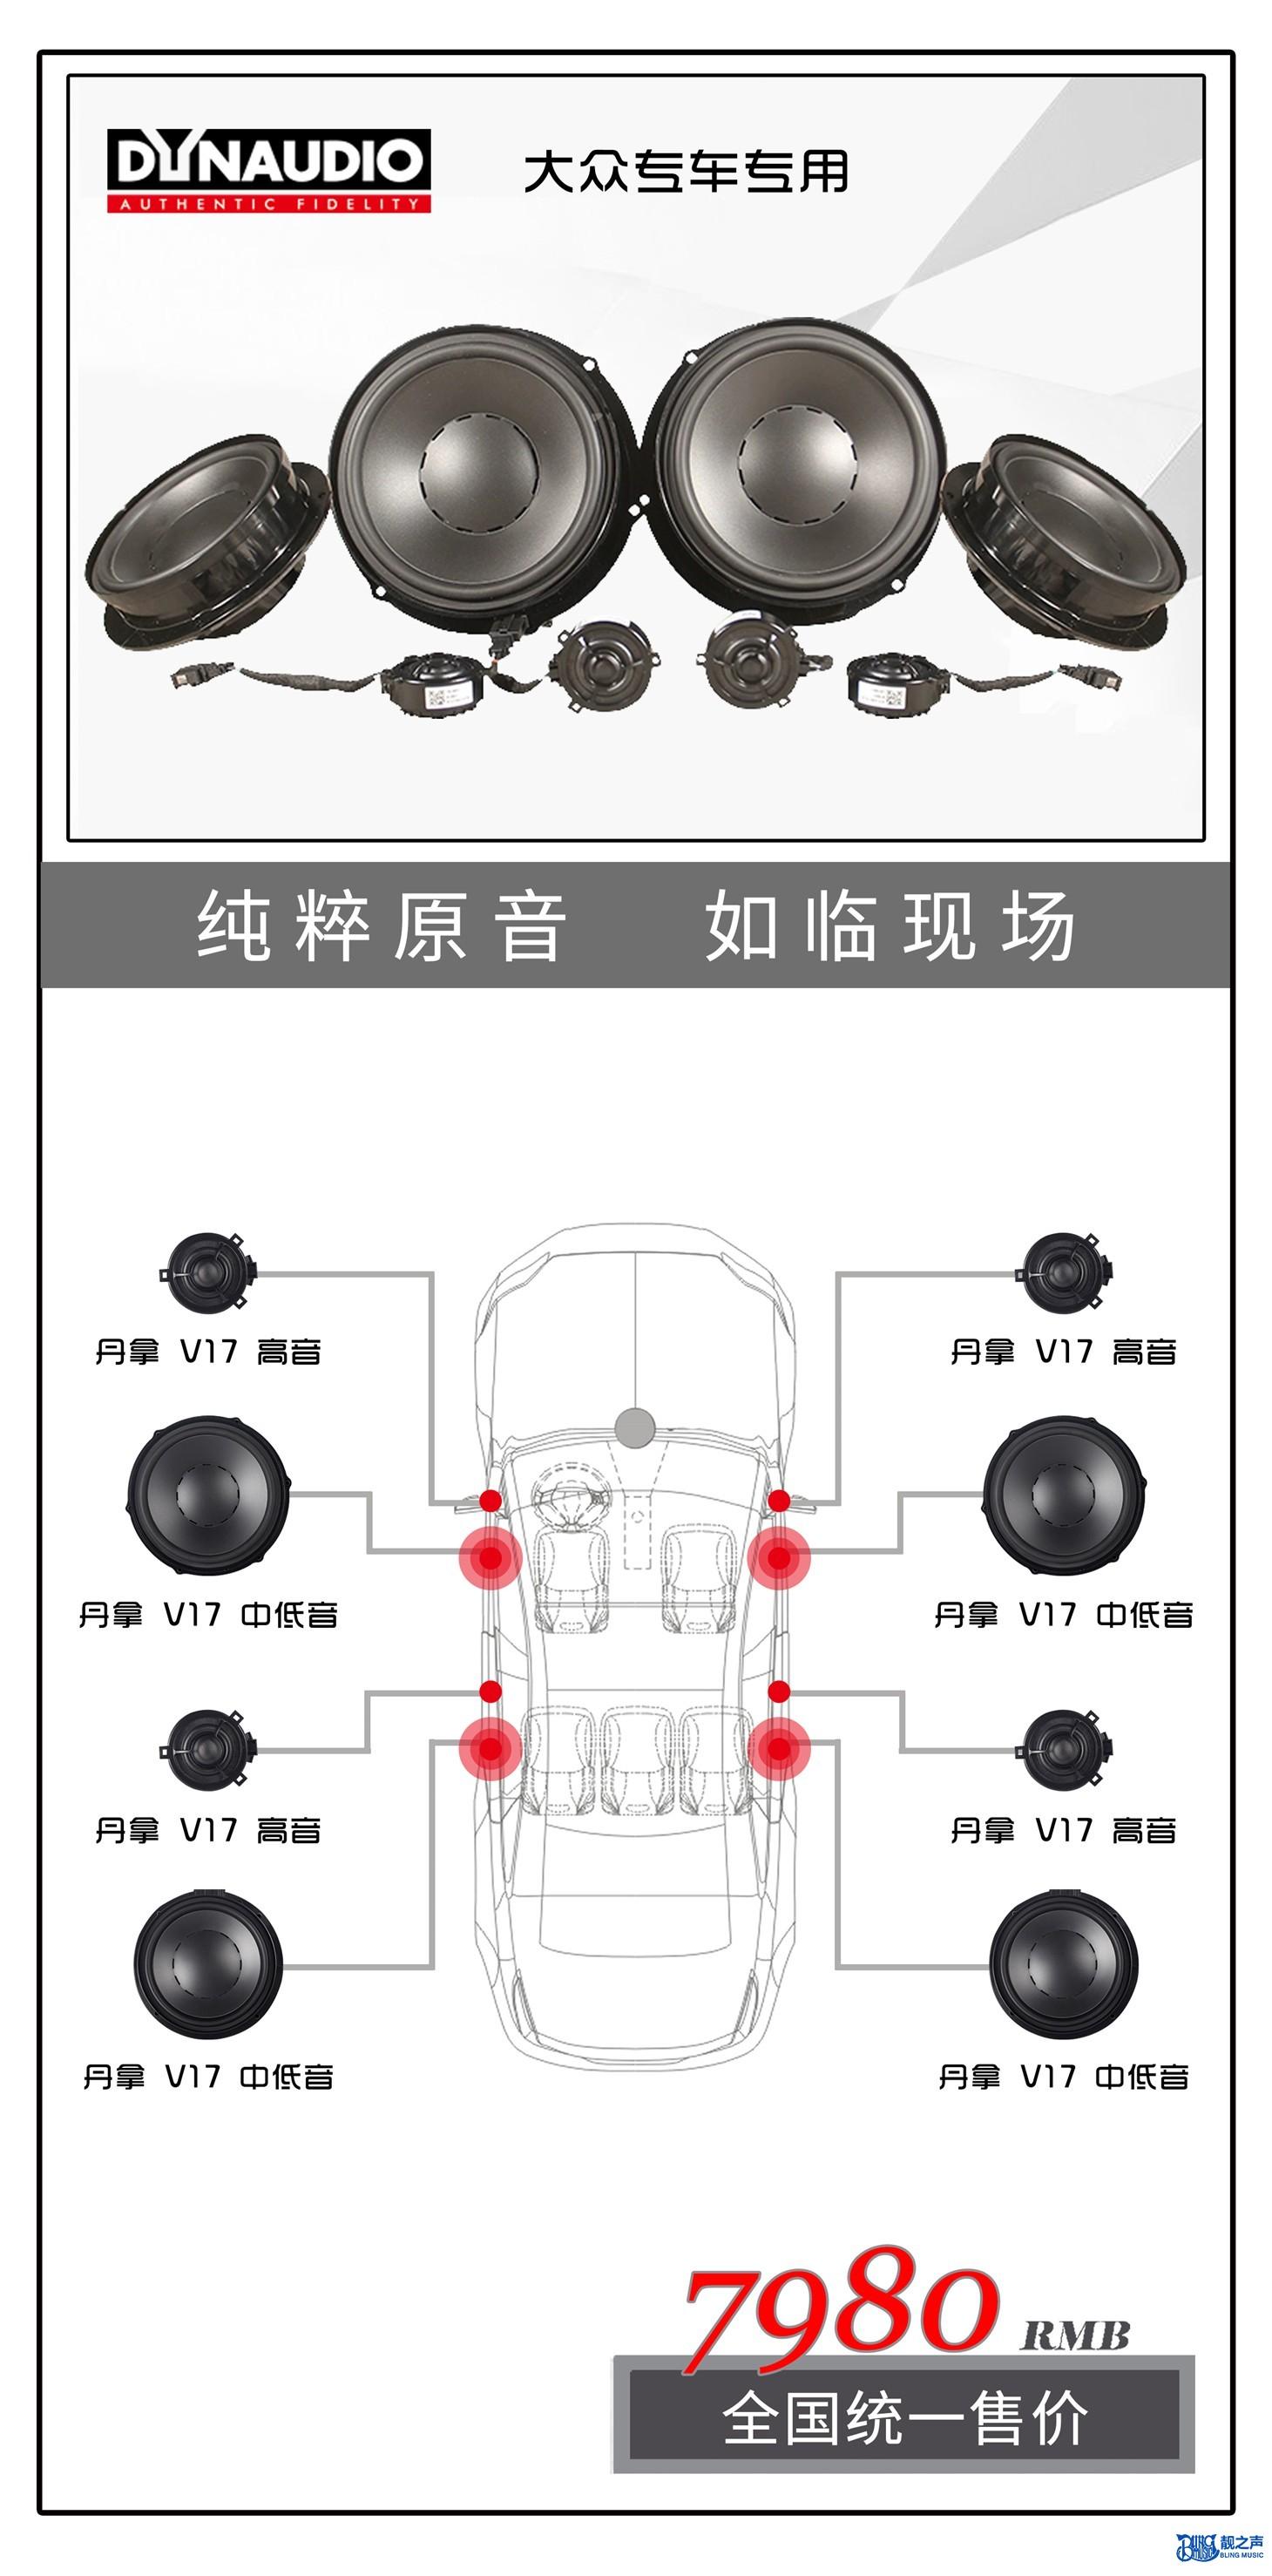 丹拿 M17 大众套餐图A.jpg